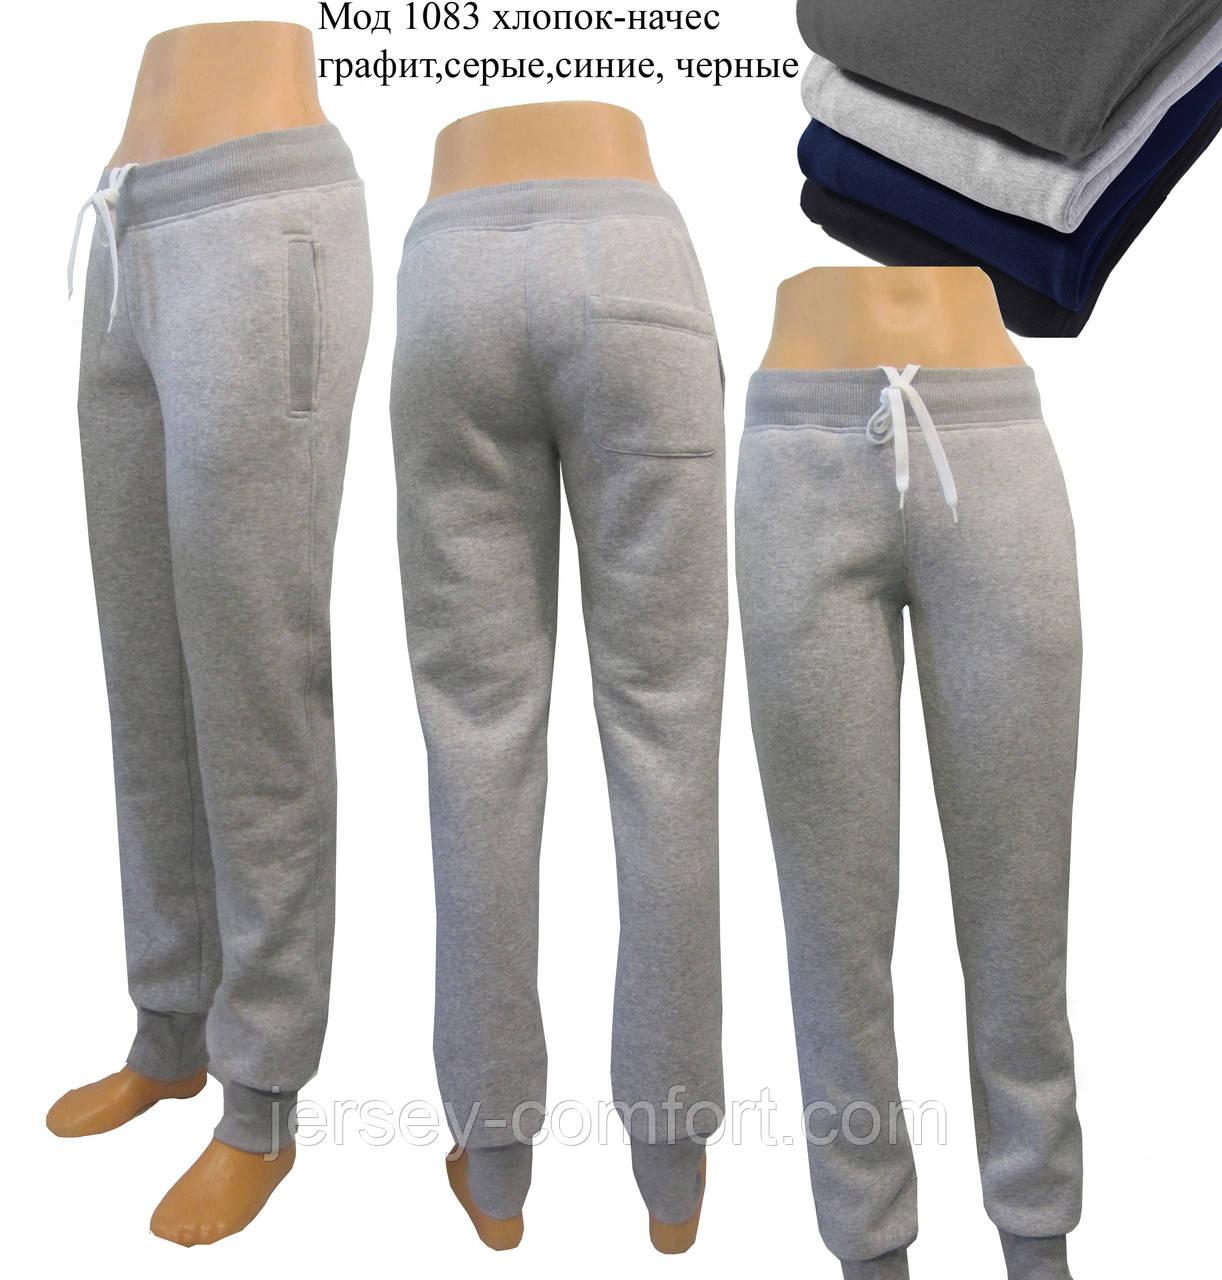 218225f91bc Купить теплые женские брюки. Брюки женские утепленные трикотаж-начес -  Интернет-магазин